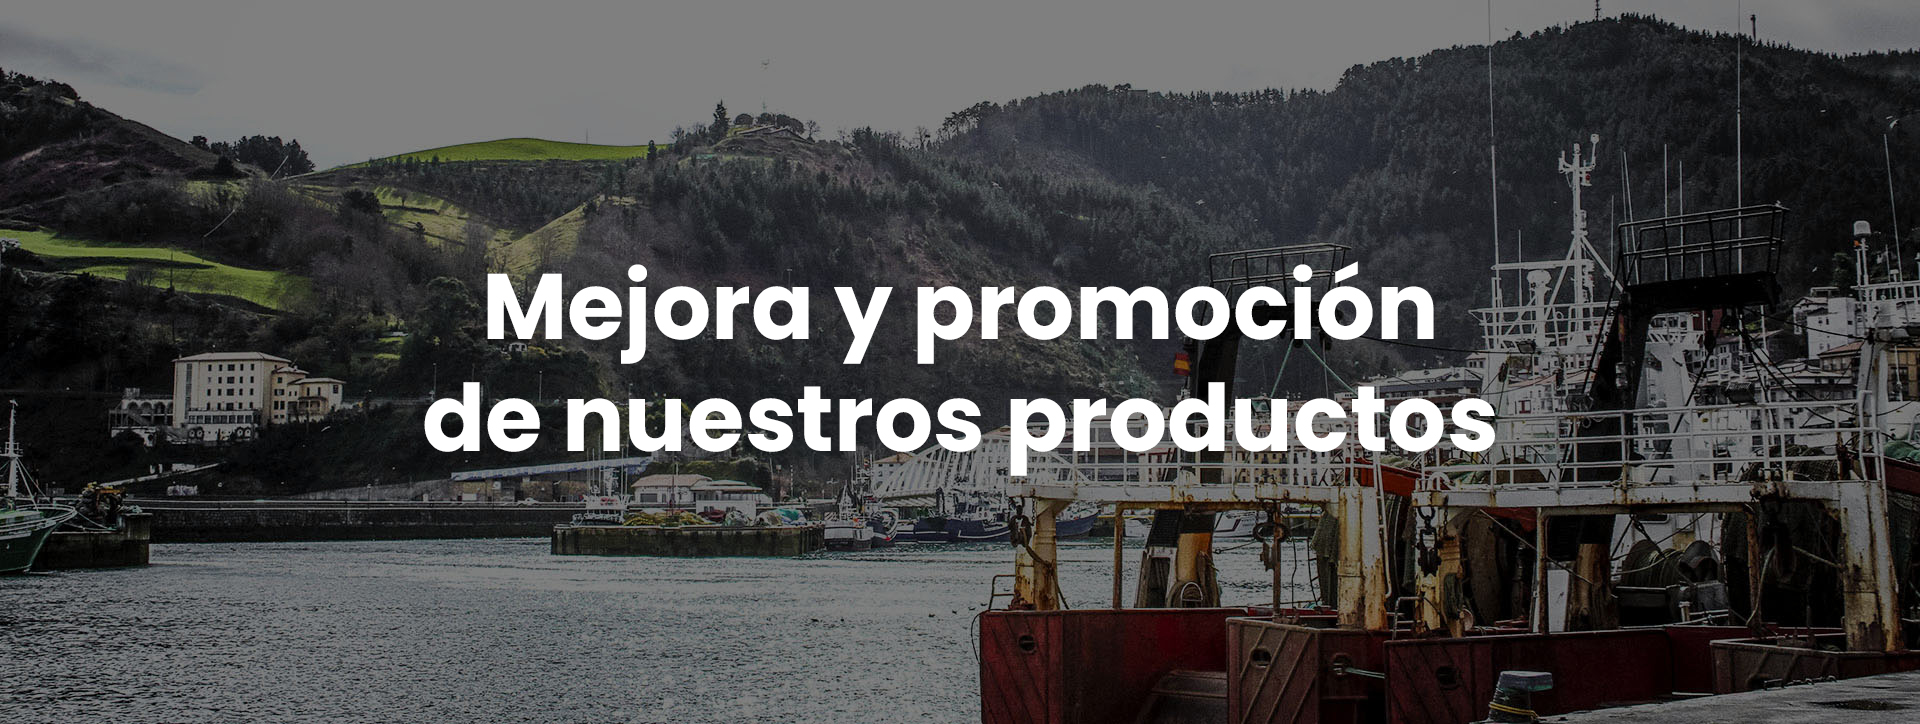 Mejora y promocion de nuestros productos